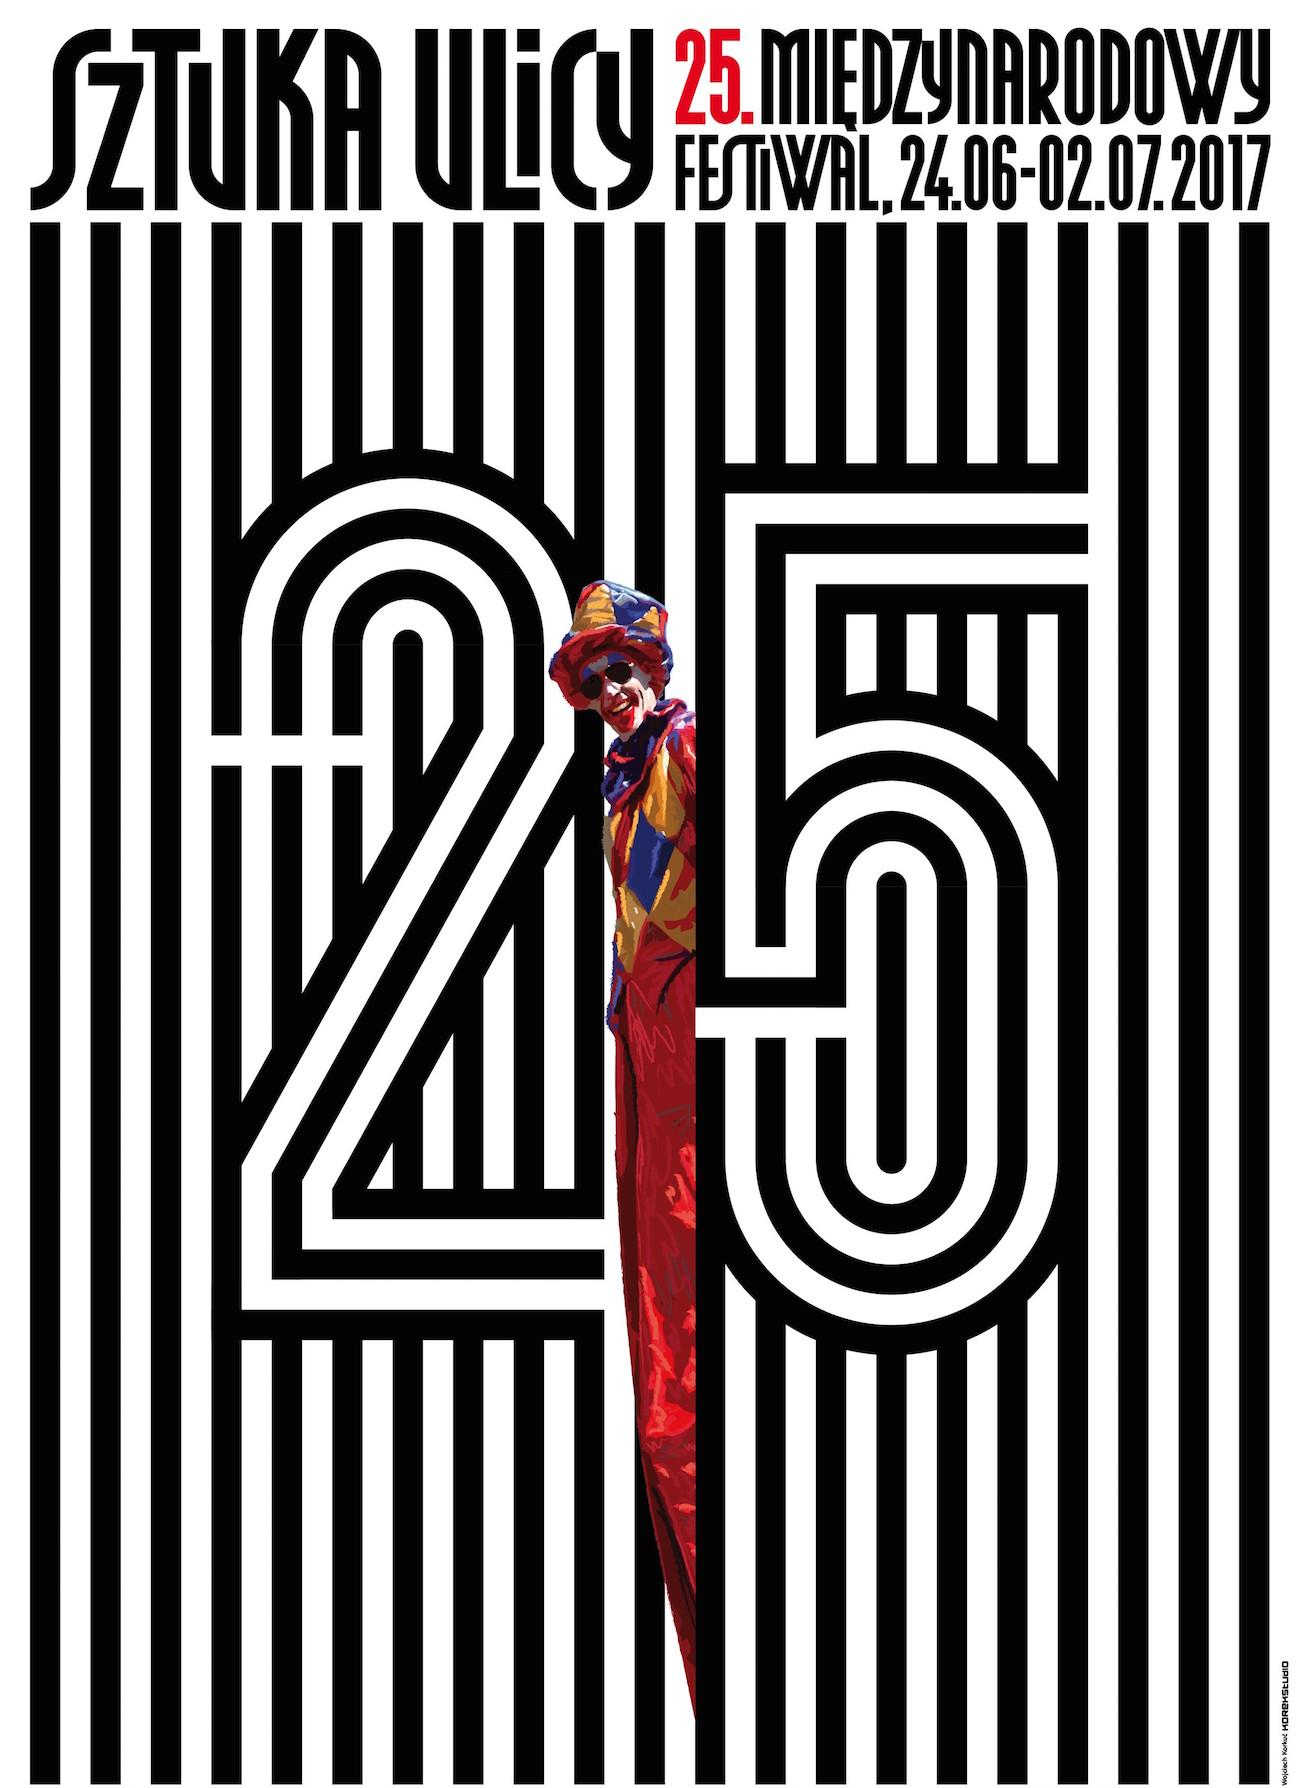 25. Międzynarodowy Festiwal Sztuka Ulicy w Warszawie – plakat (źródło: materiały prasowe organizatora)